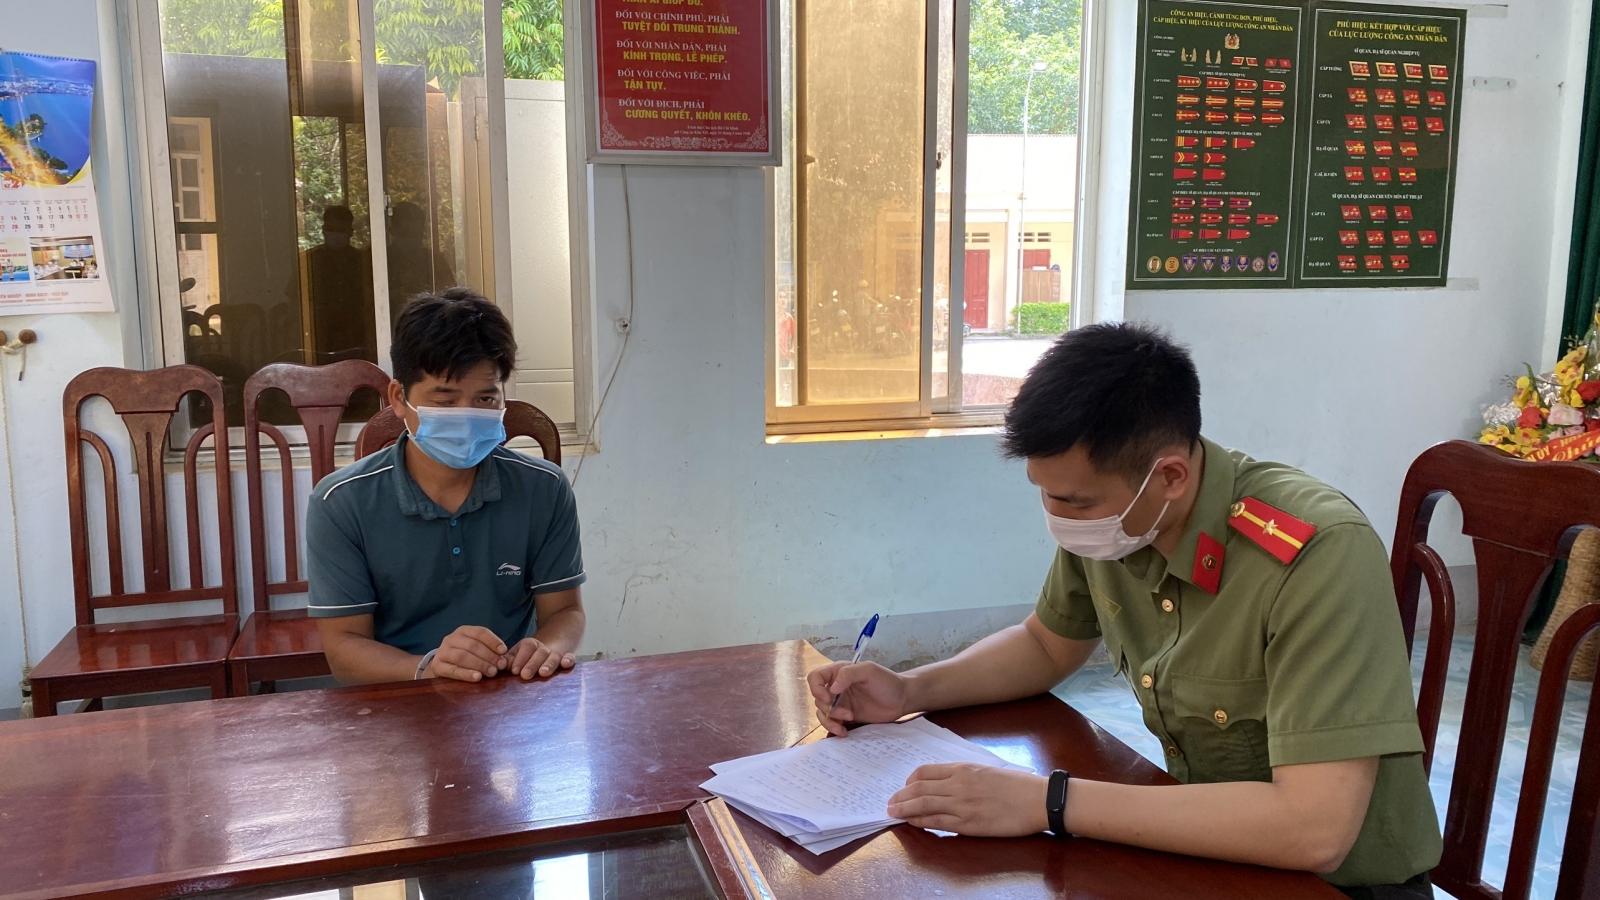 Bắt quả tang đối tượng đưa người sang Trung Quốc trái phép